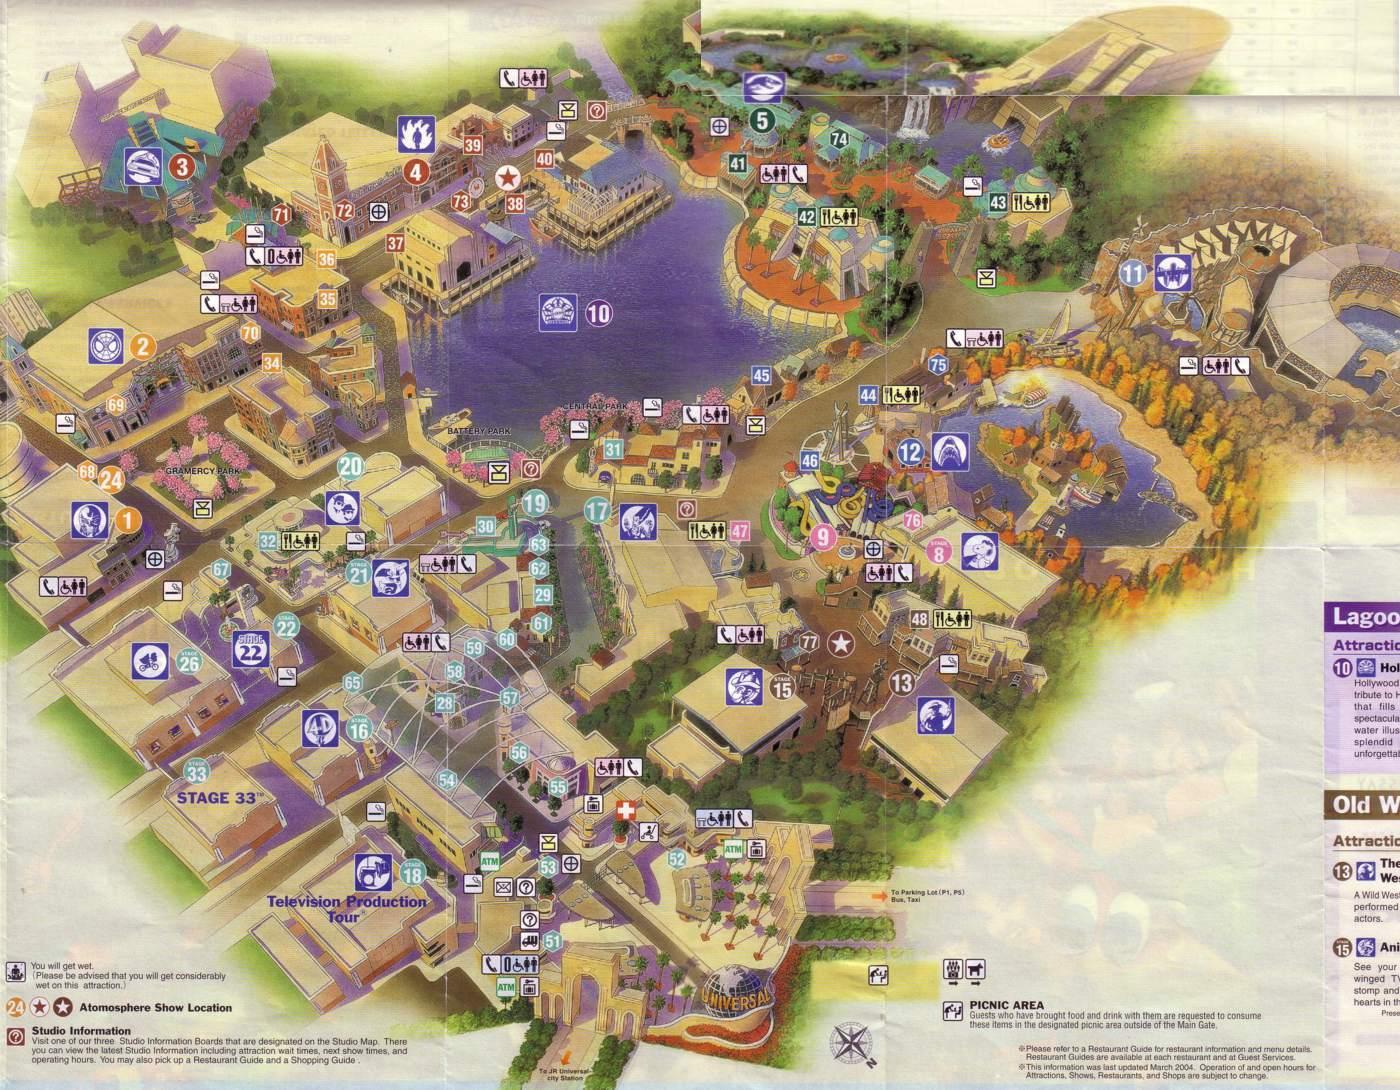 [WDW Orlando et Universal Studios] Du 31 août au 16 septembre 2010 + 4 Vidéos TR + liens du DVD de promotion WDW 2010 + Parenthèse Japonaise (Universal Studios Osaka) - Page 2 USJ-map